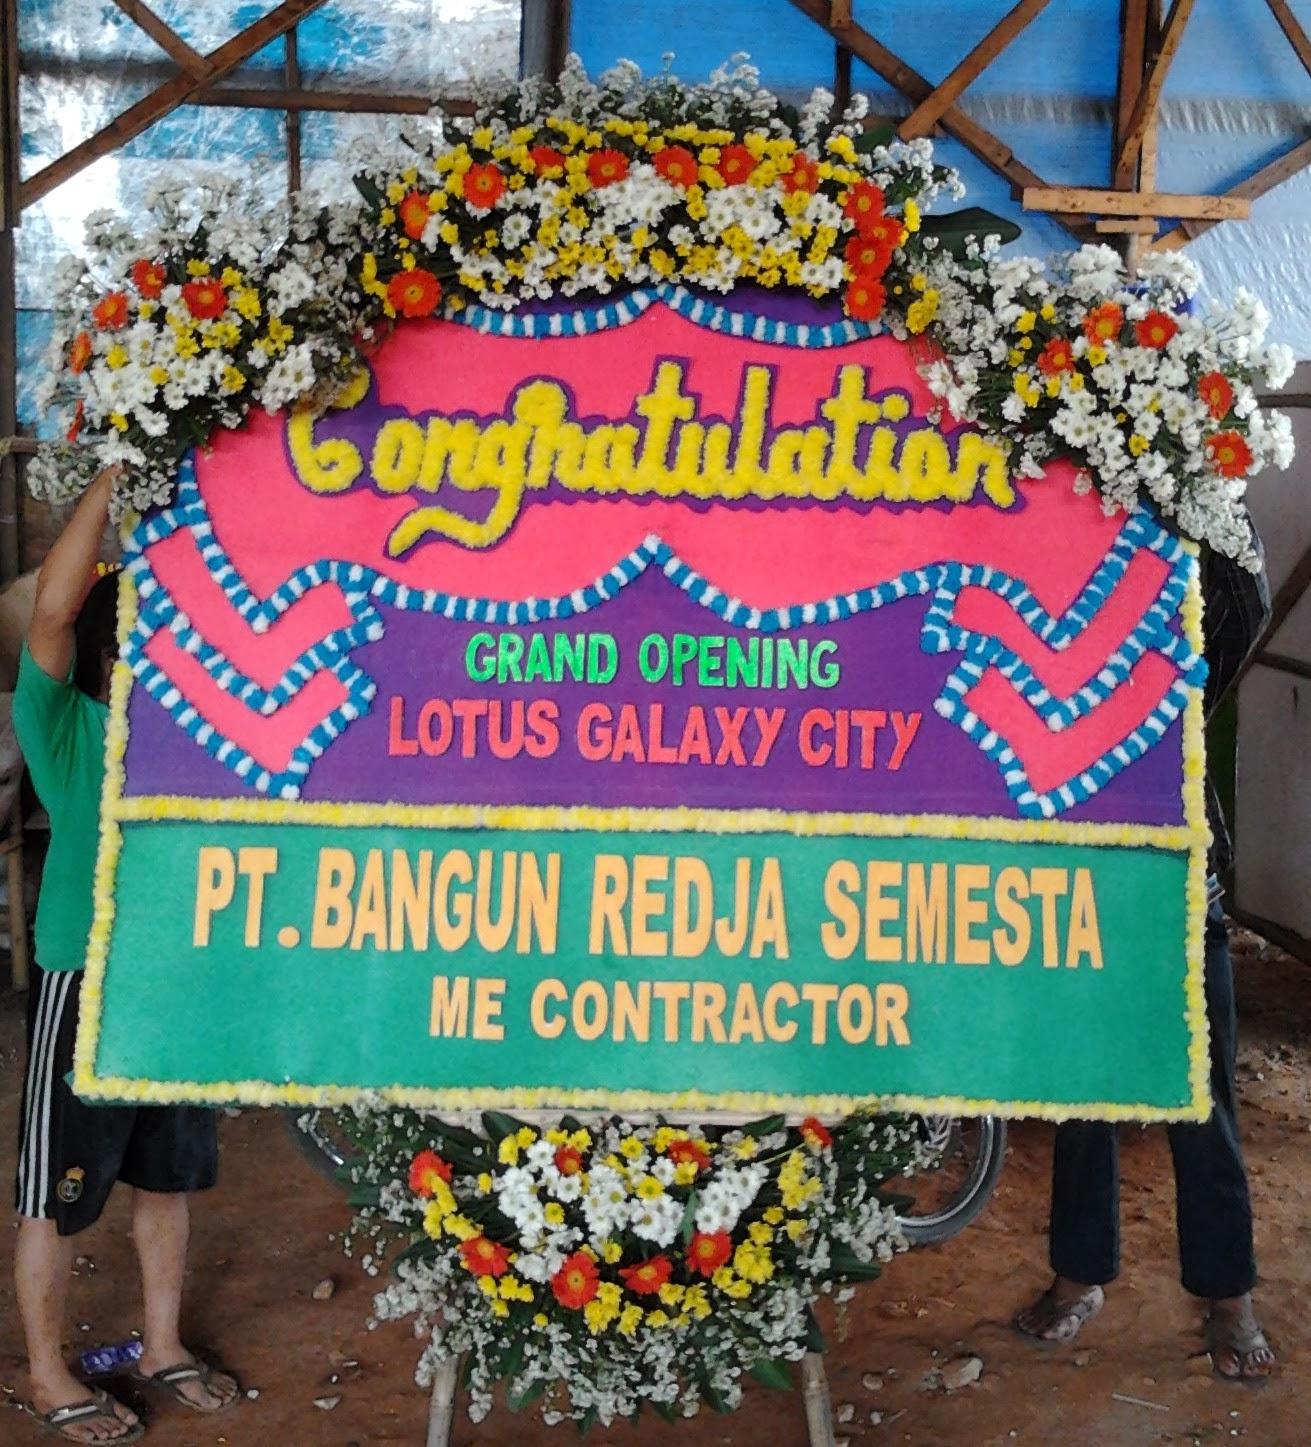 Congratulation (WS-067)